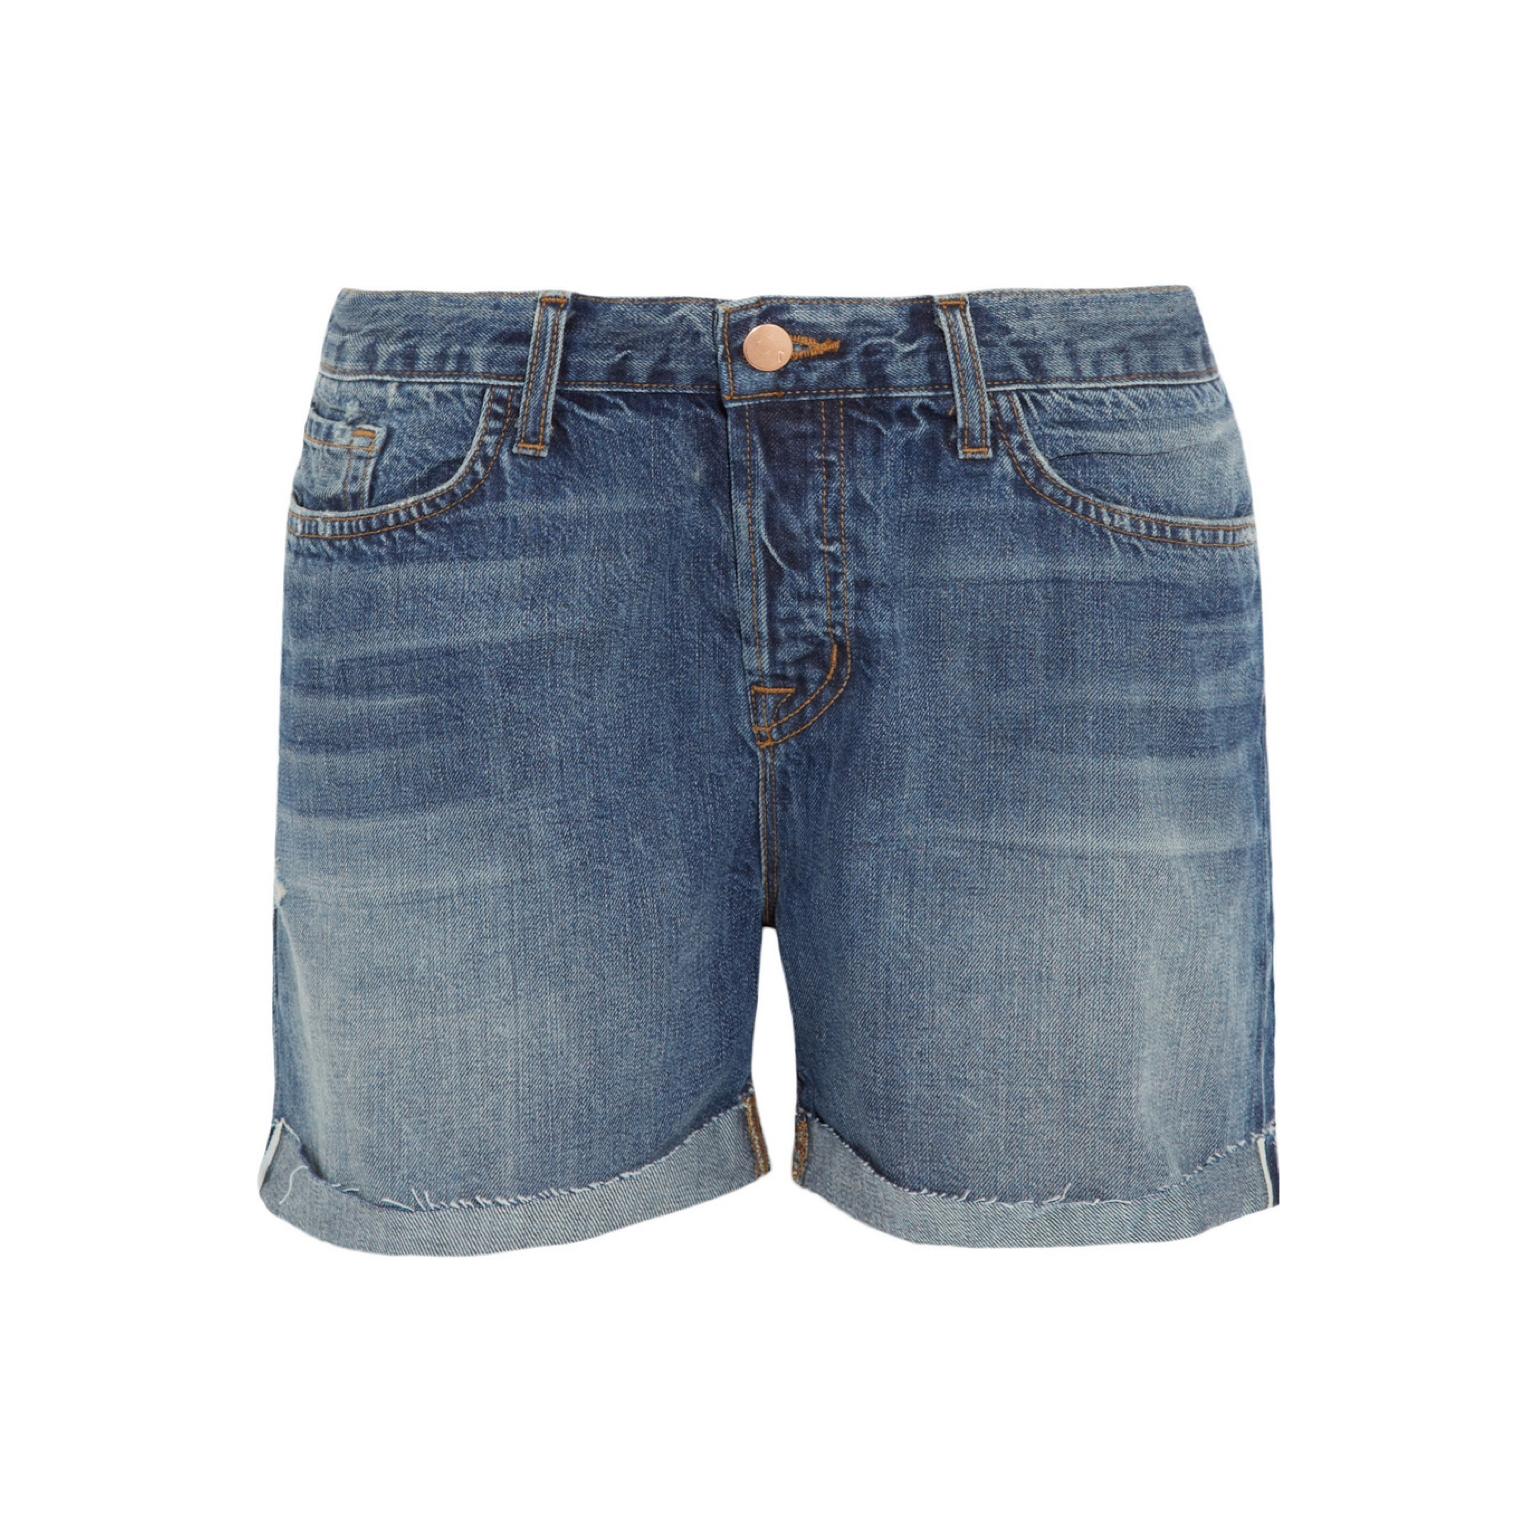 浅蓝色短裤